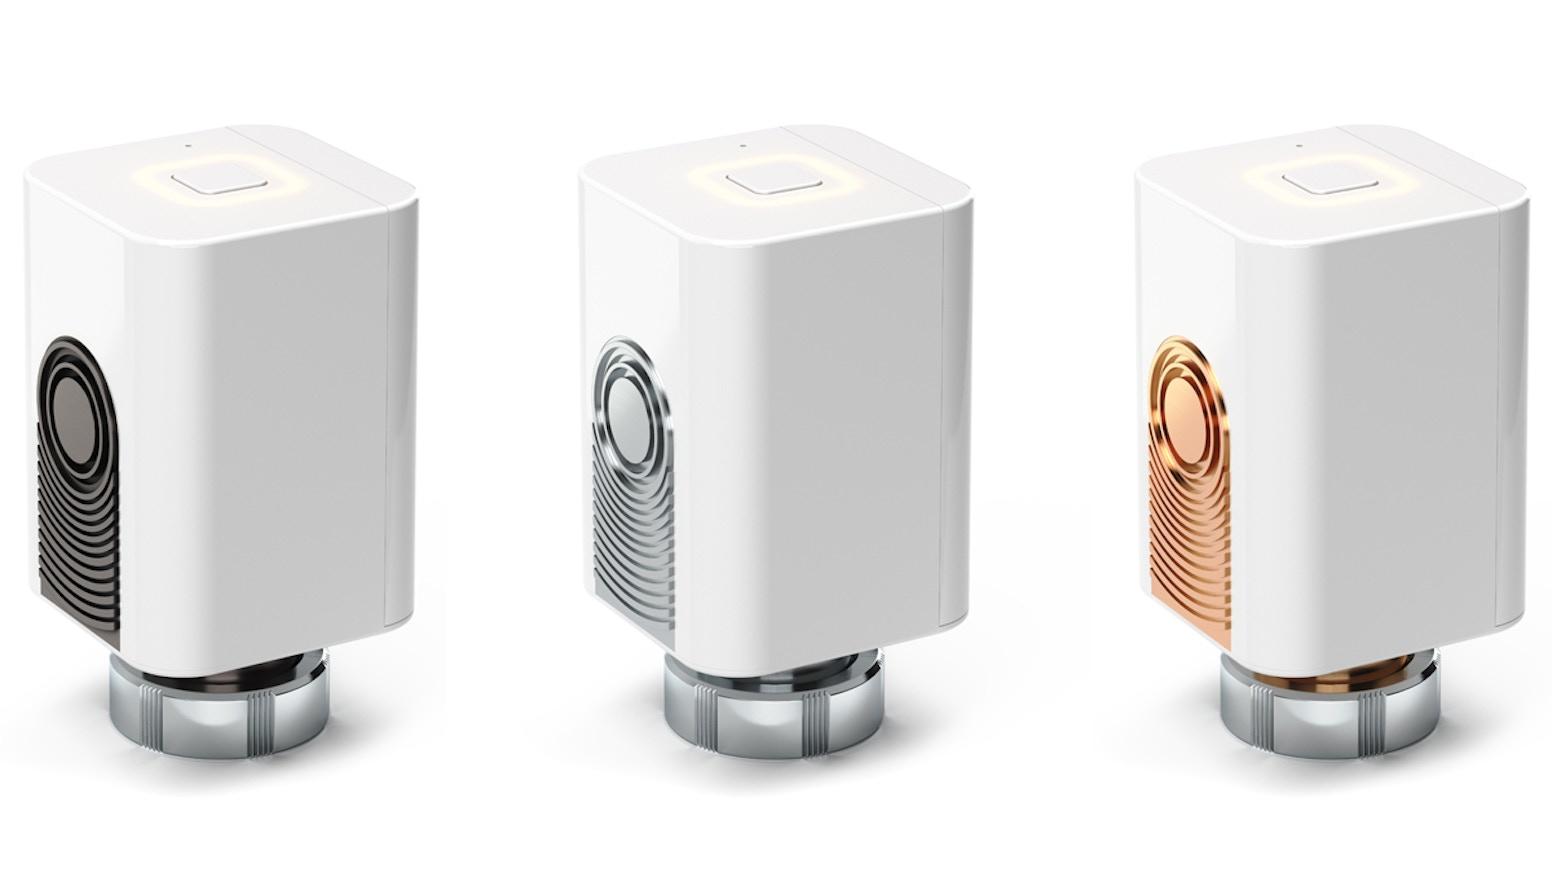 Novo - the smartest radiator valve